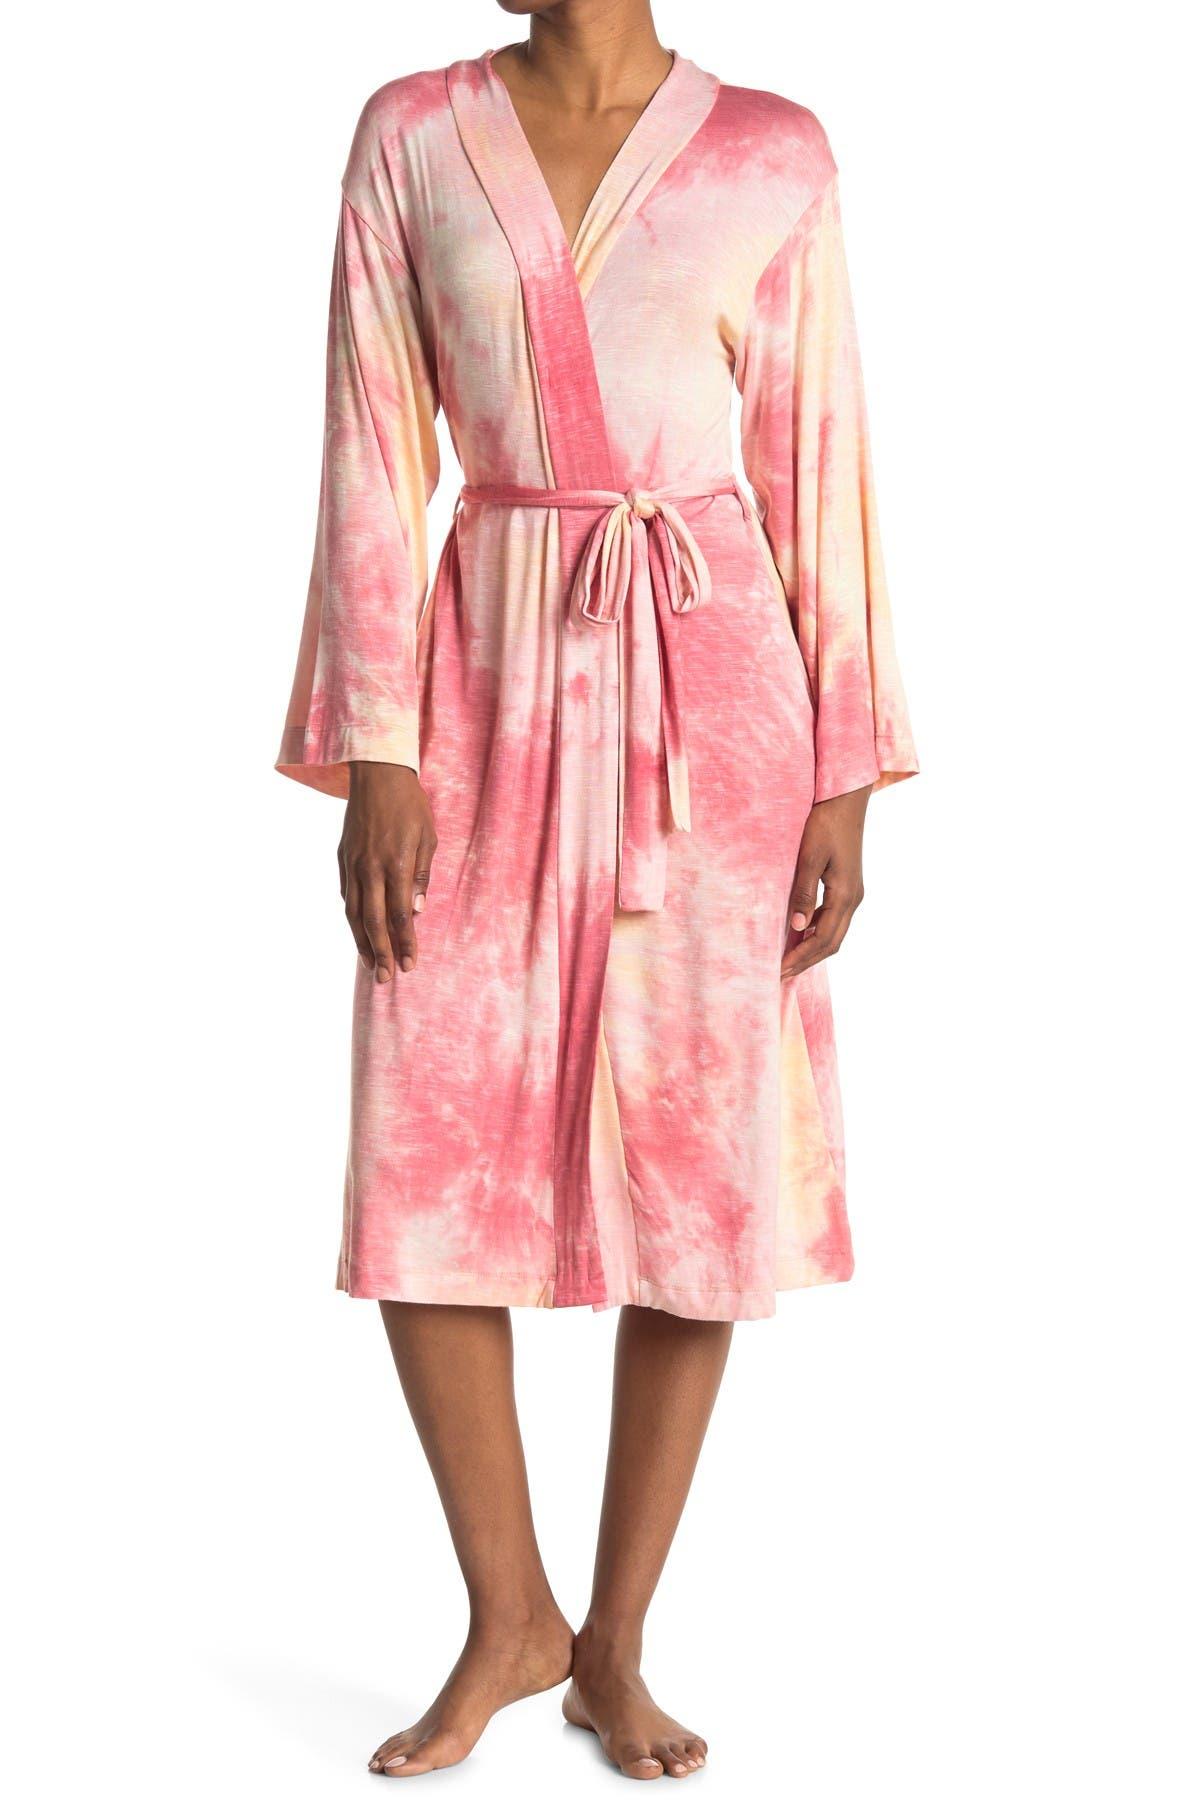 Image of Socialite Midi Tie Dye Robe